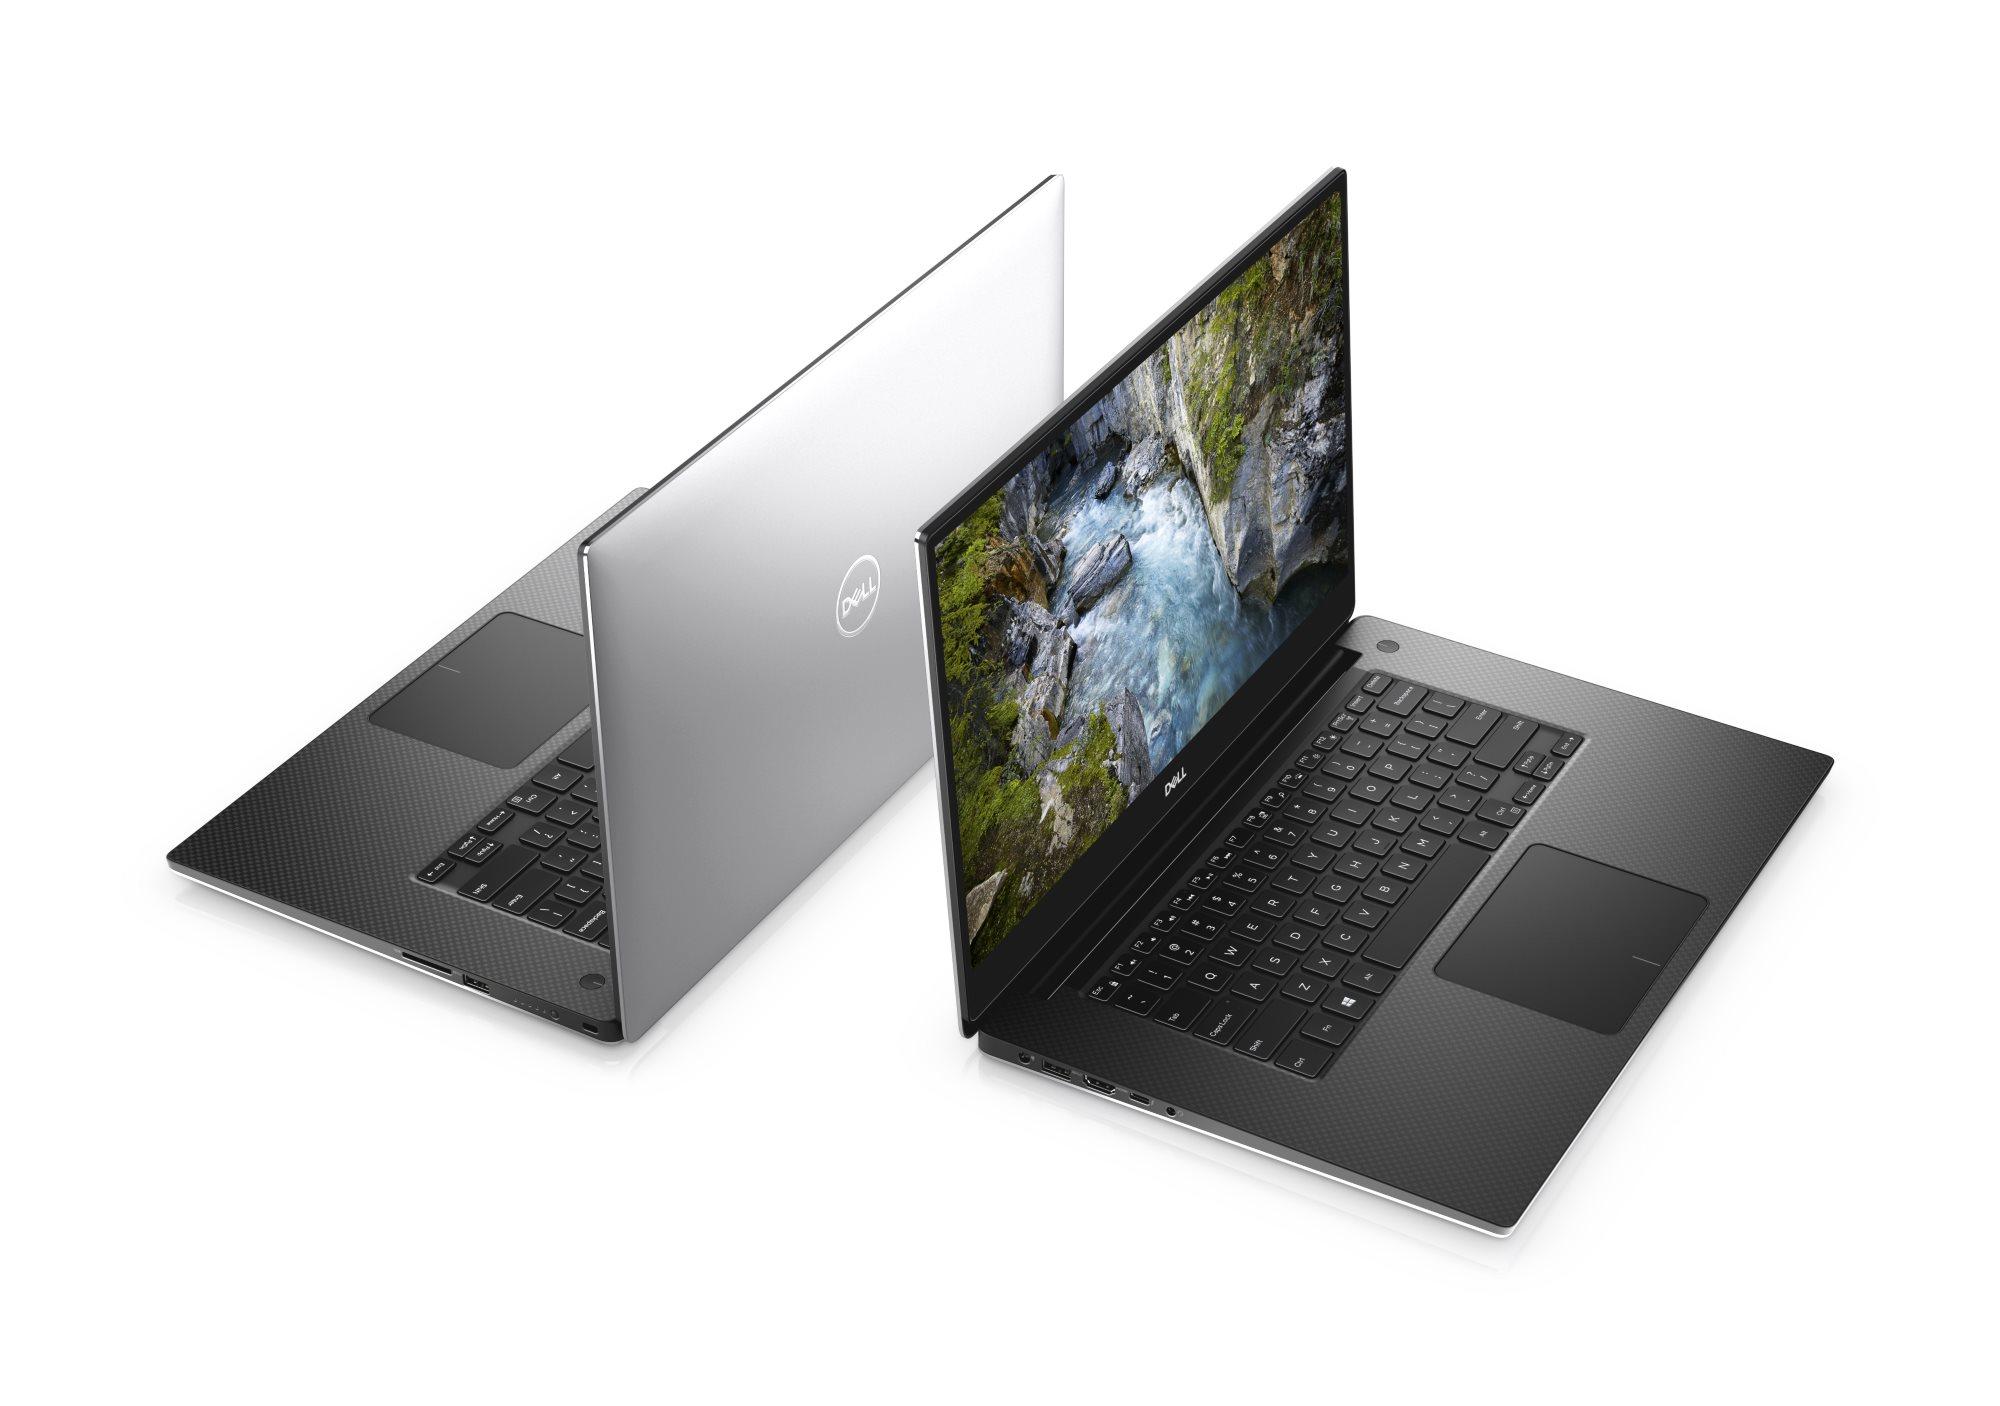 Dell XPS 15 : une nouvelle génération plus performante